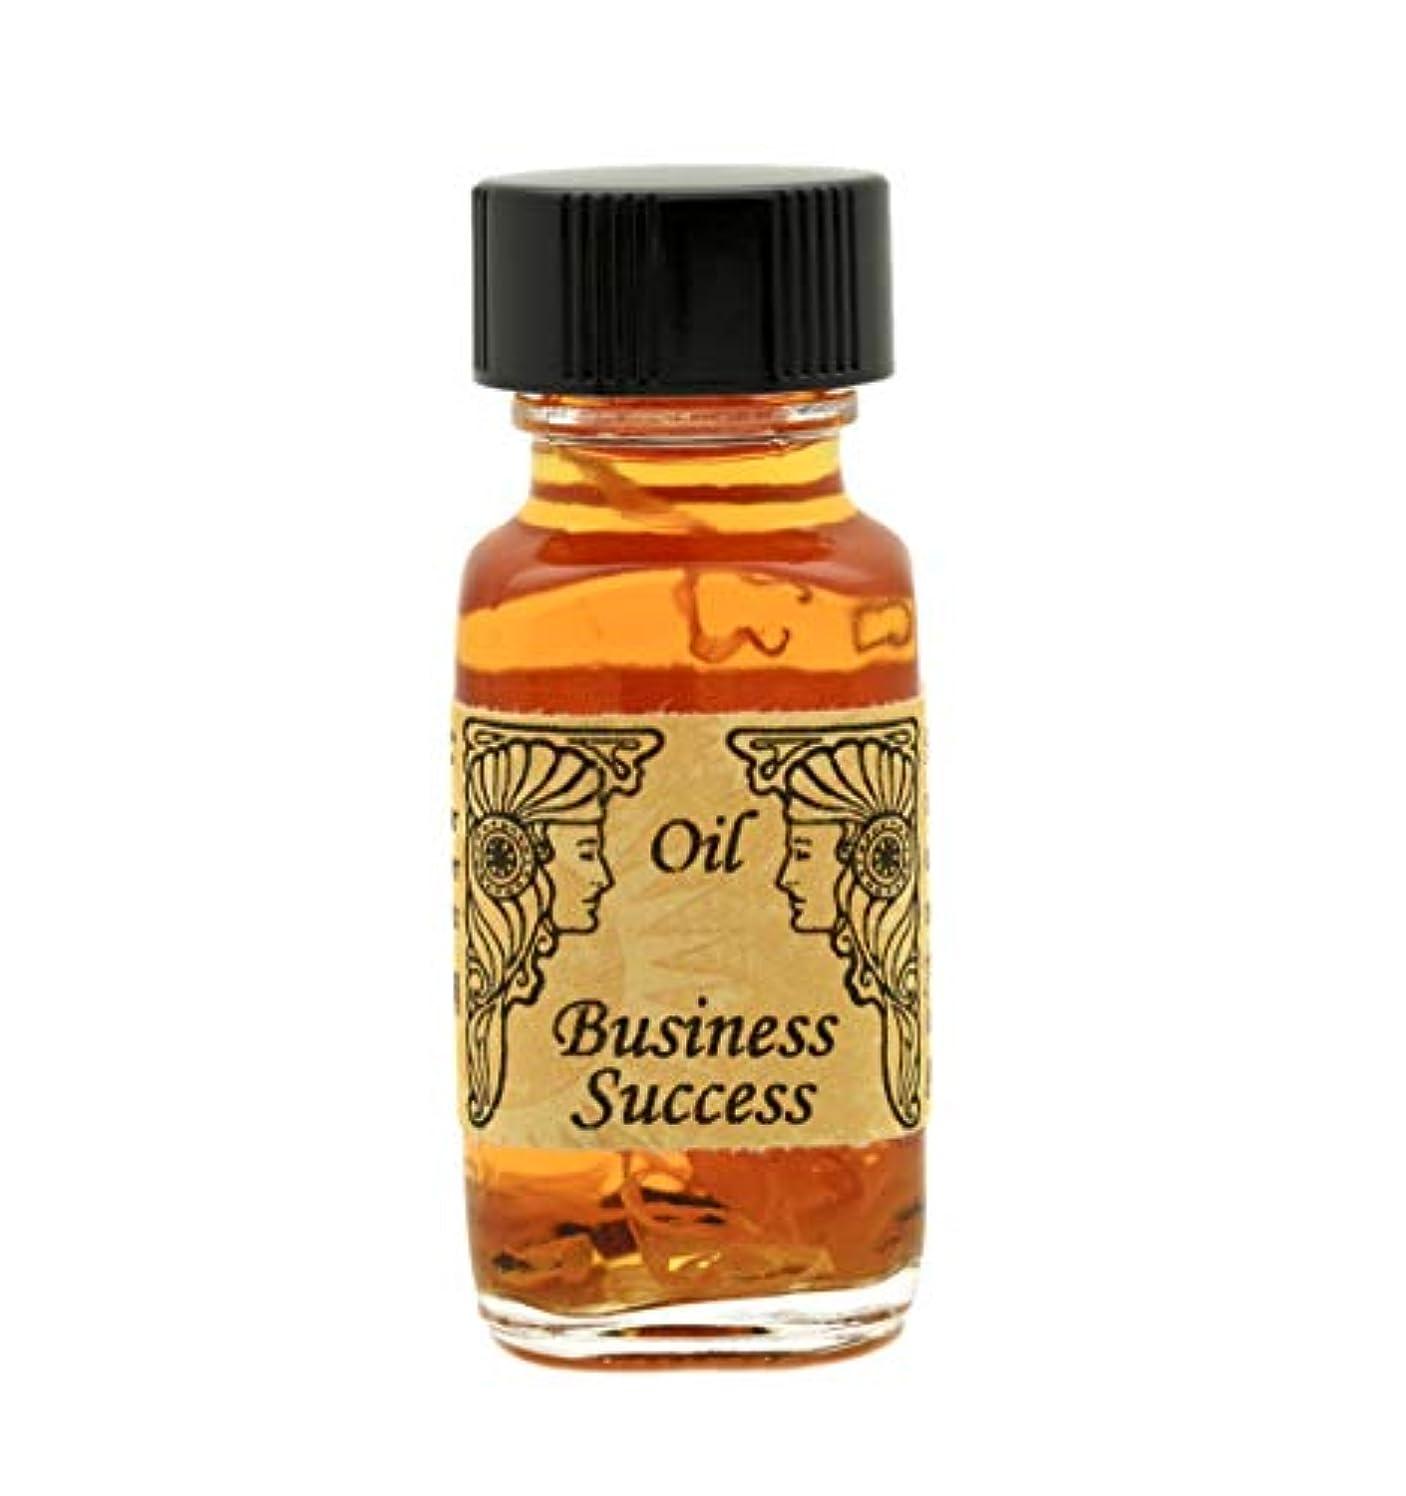 受益者恥オアシスアンシェントメモリーオイル 2015年新作 Business Success (ビジネスの成功)